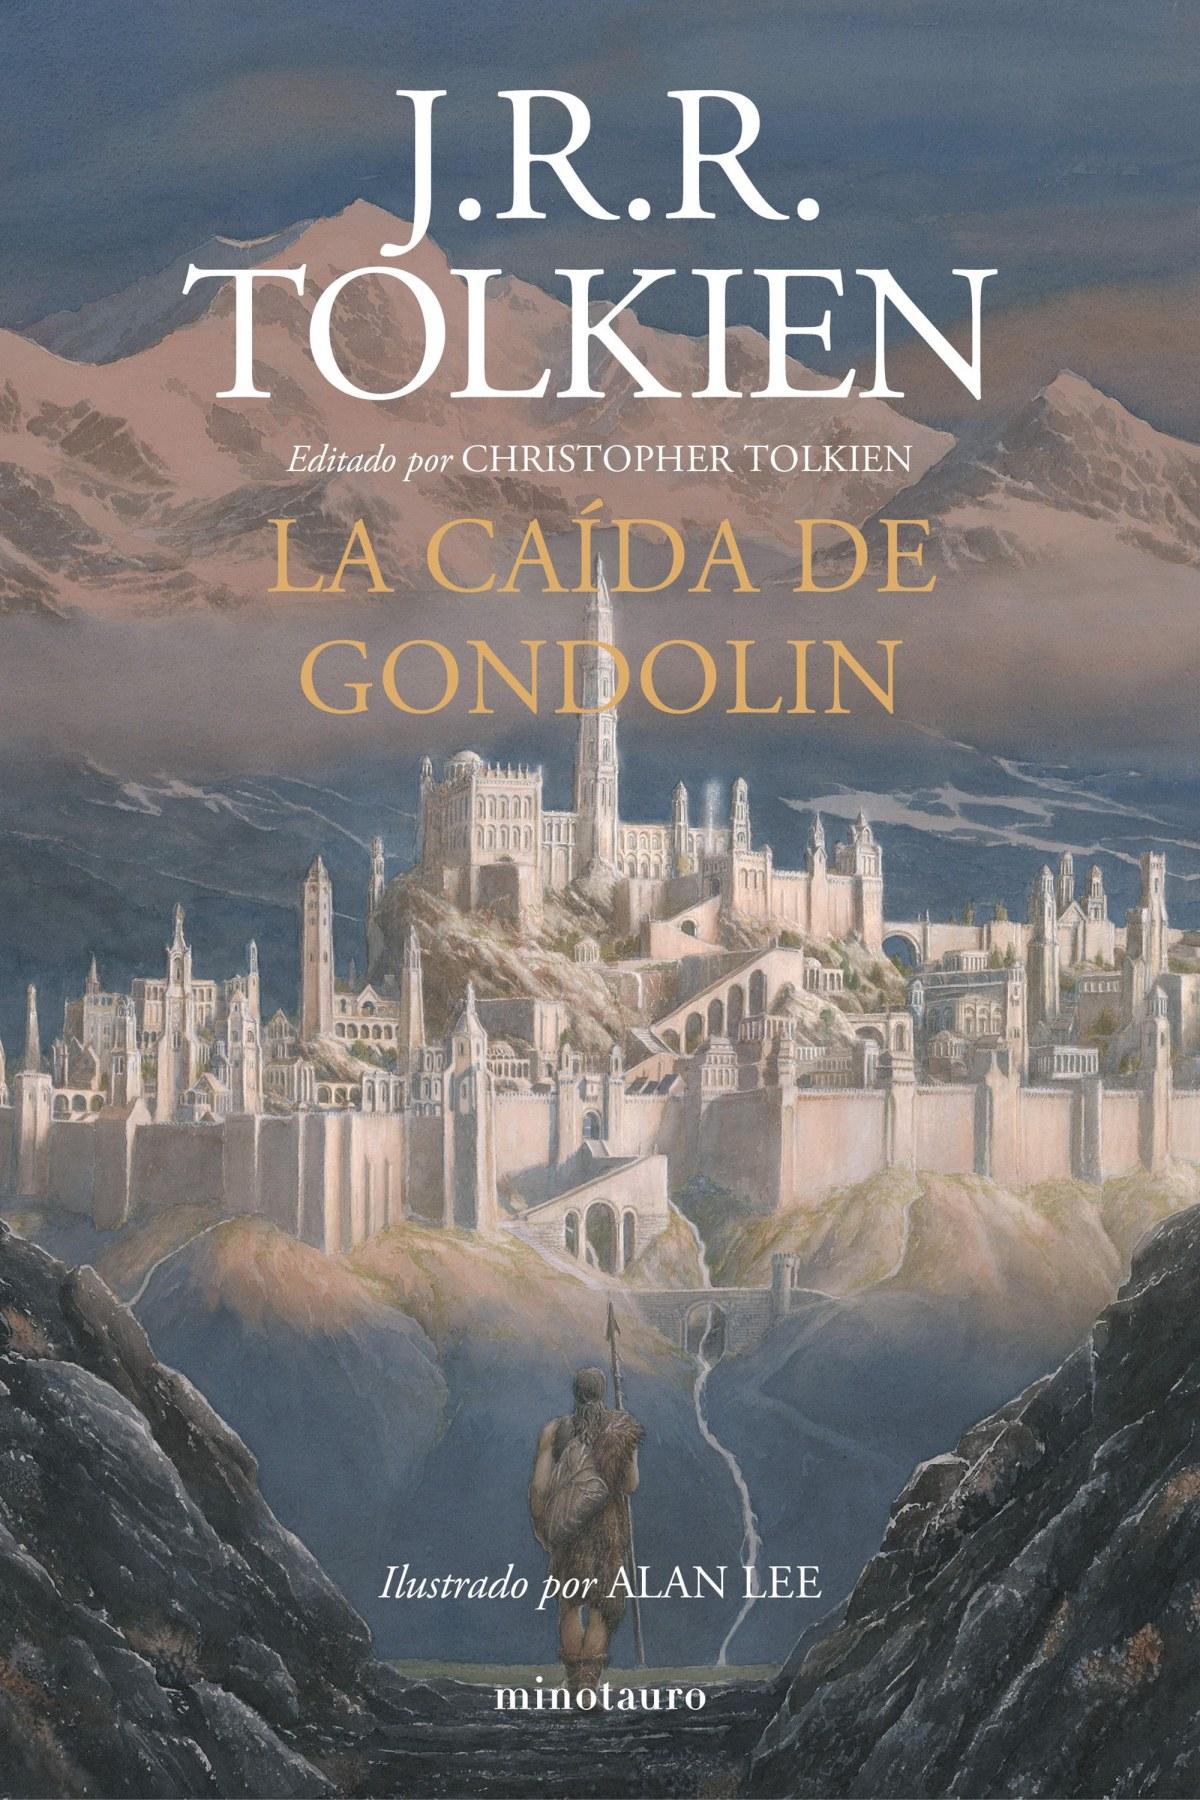 LA CAIDA DE GONDOLIN 9788445006092